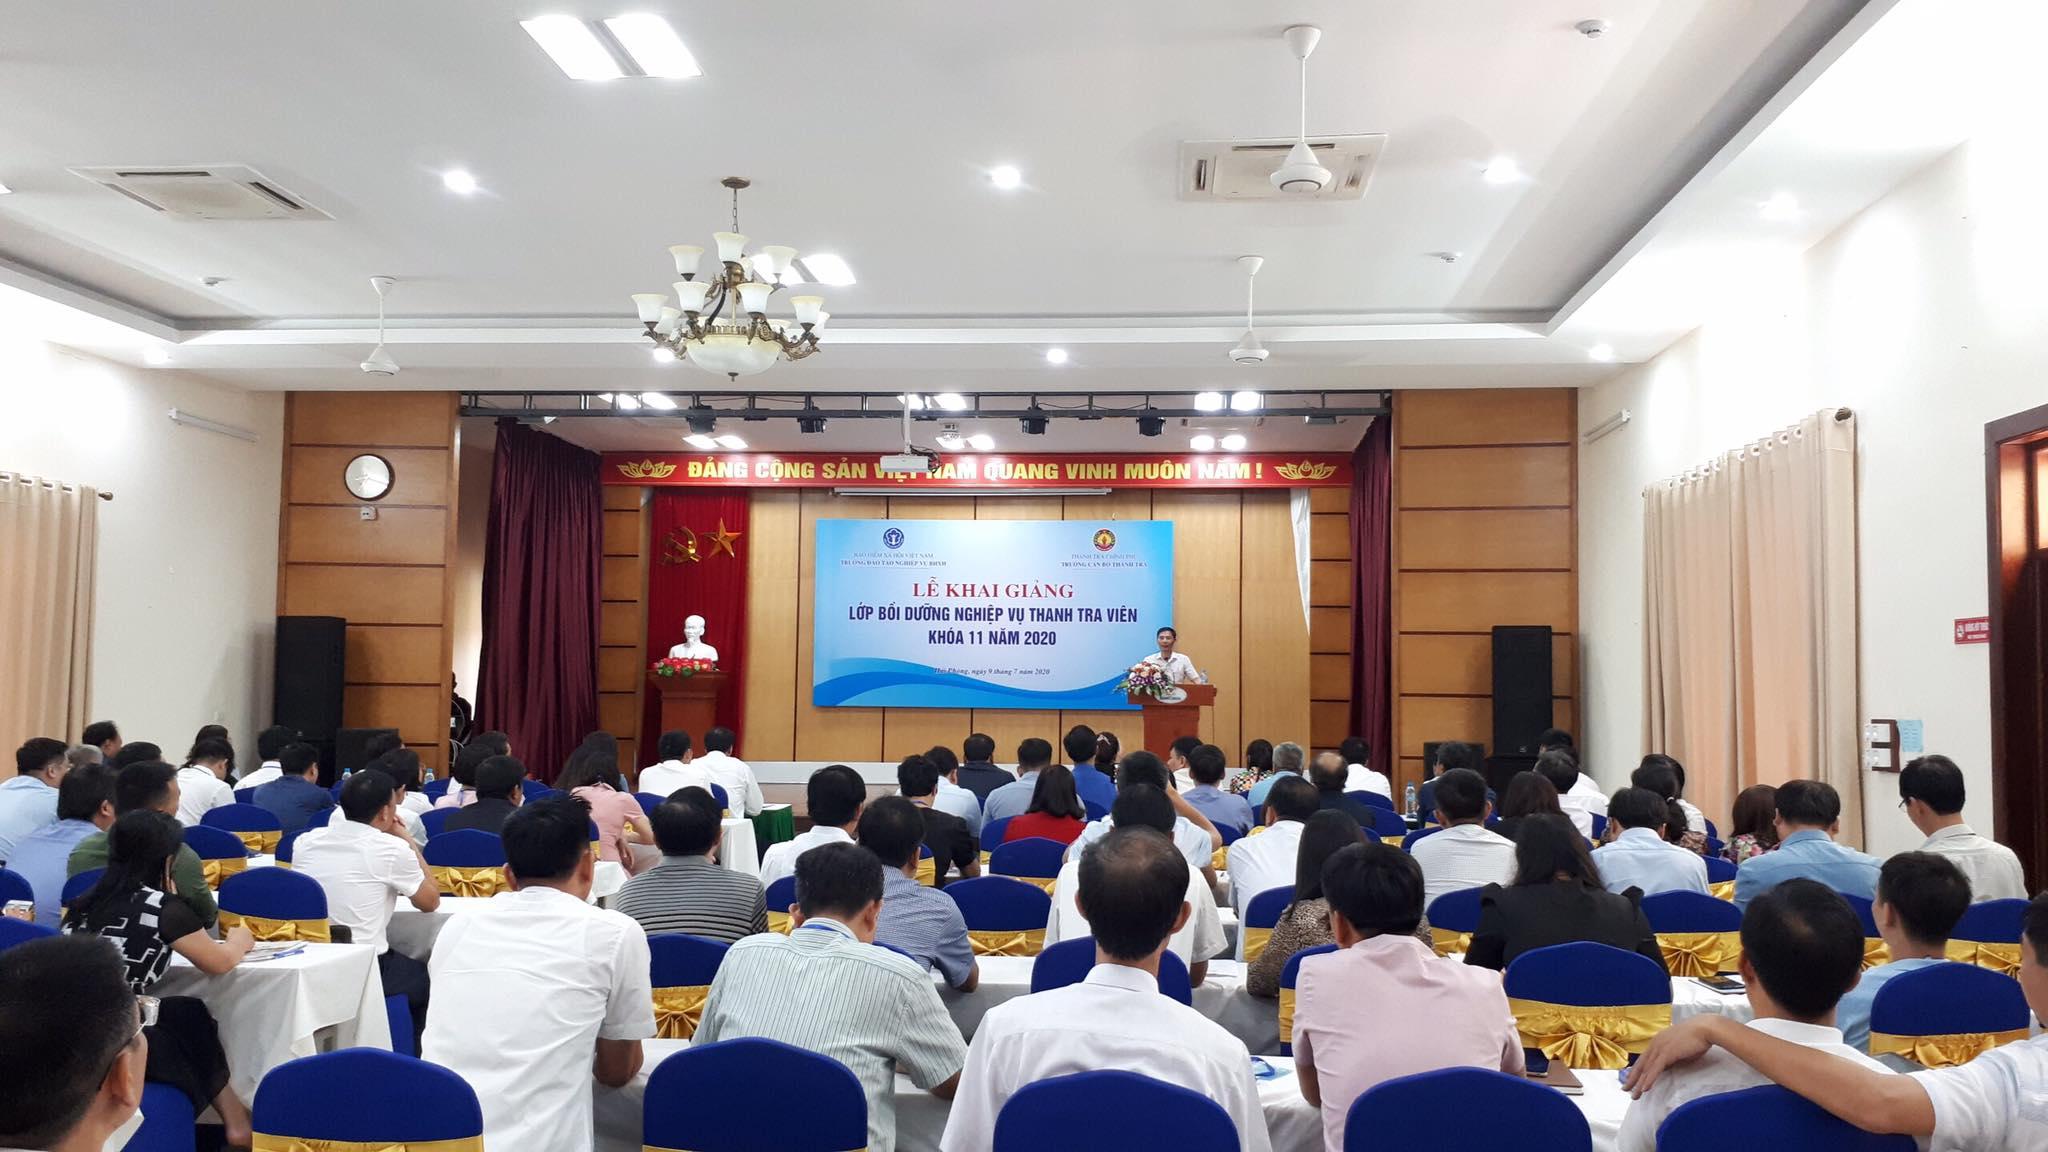 Ông Vũ Văn Chiến TTVCC Hiệu trưởng Trg CBTT phát biểu khai giảng khóa học